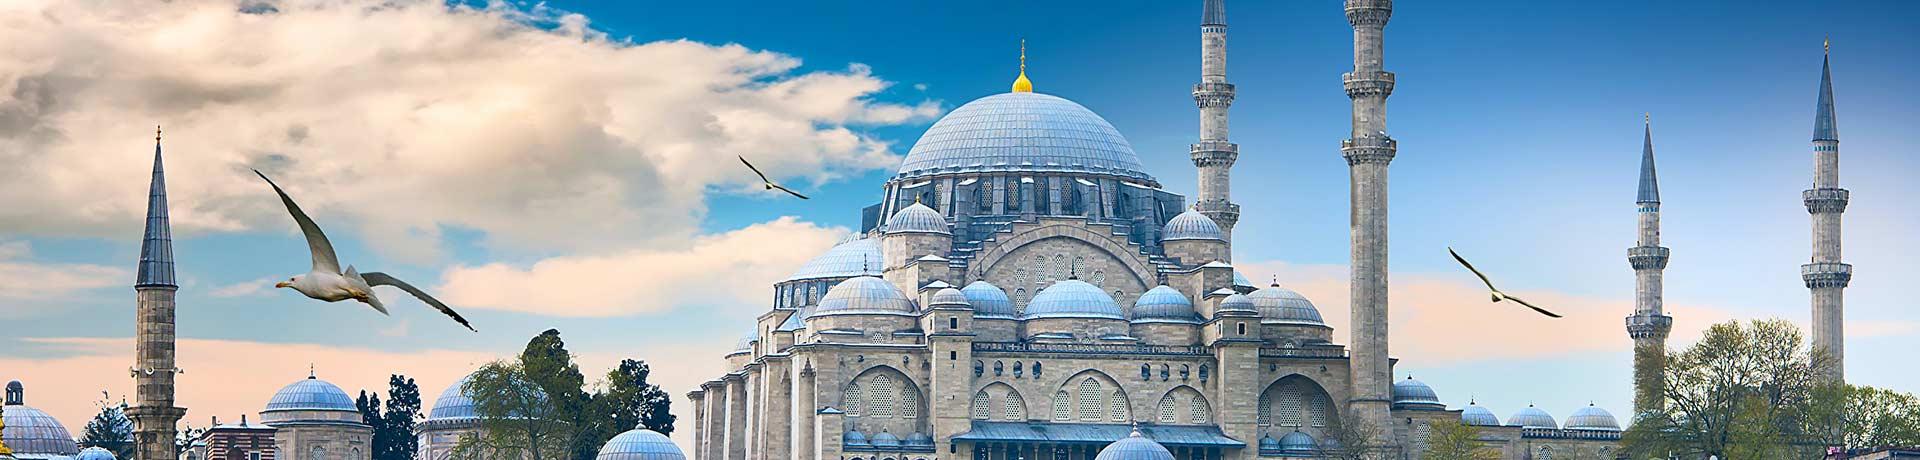 터키, 그리스, 산토리니 12일